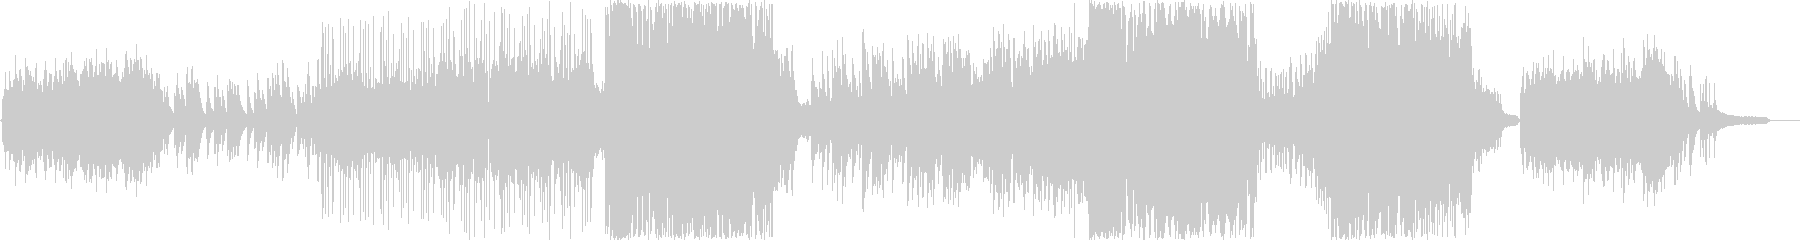 ピアノとストリングスが美しいポップスの未再生の波形